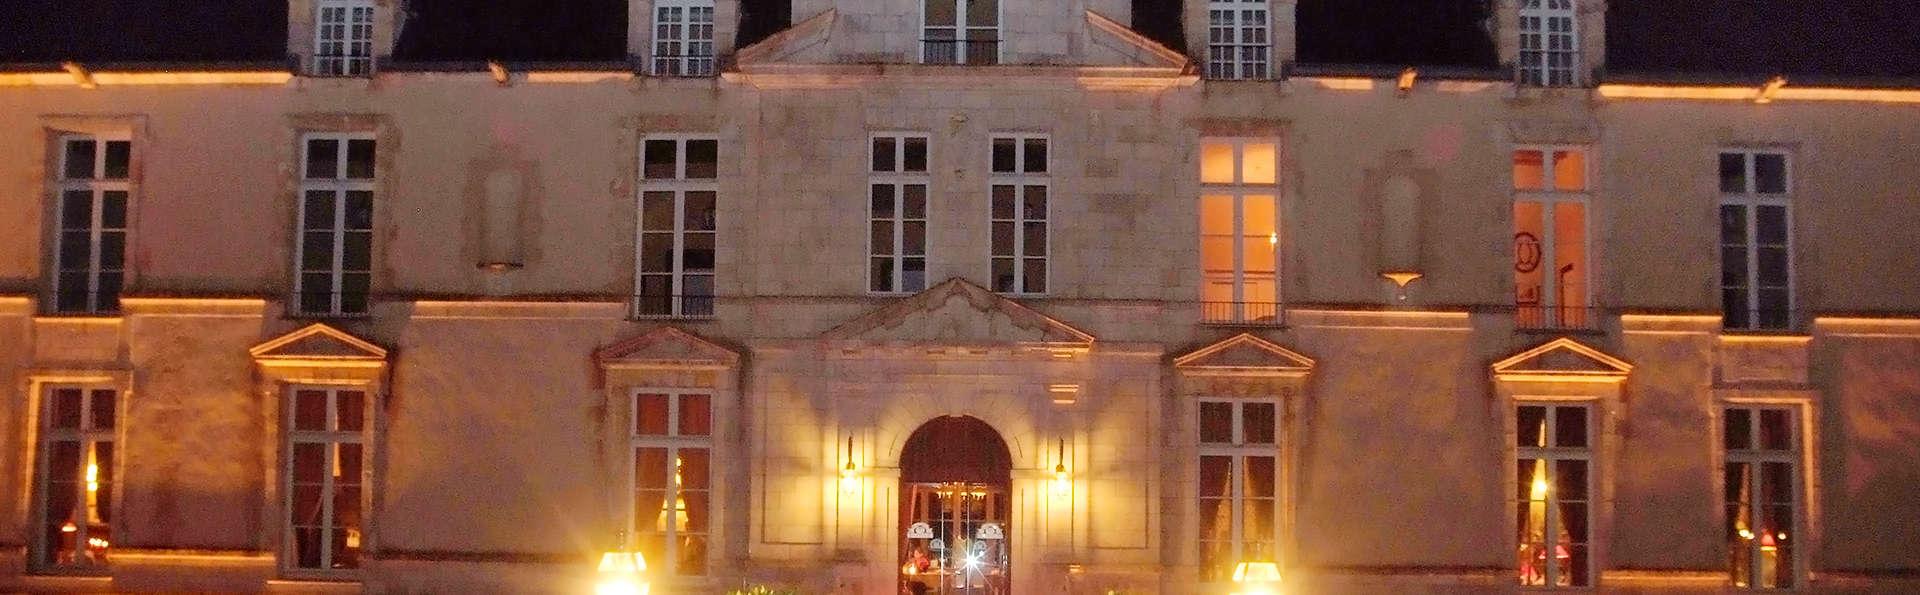 Relaxation et gastronomie à une heure de Paris